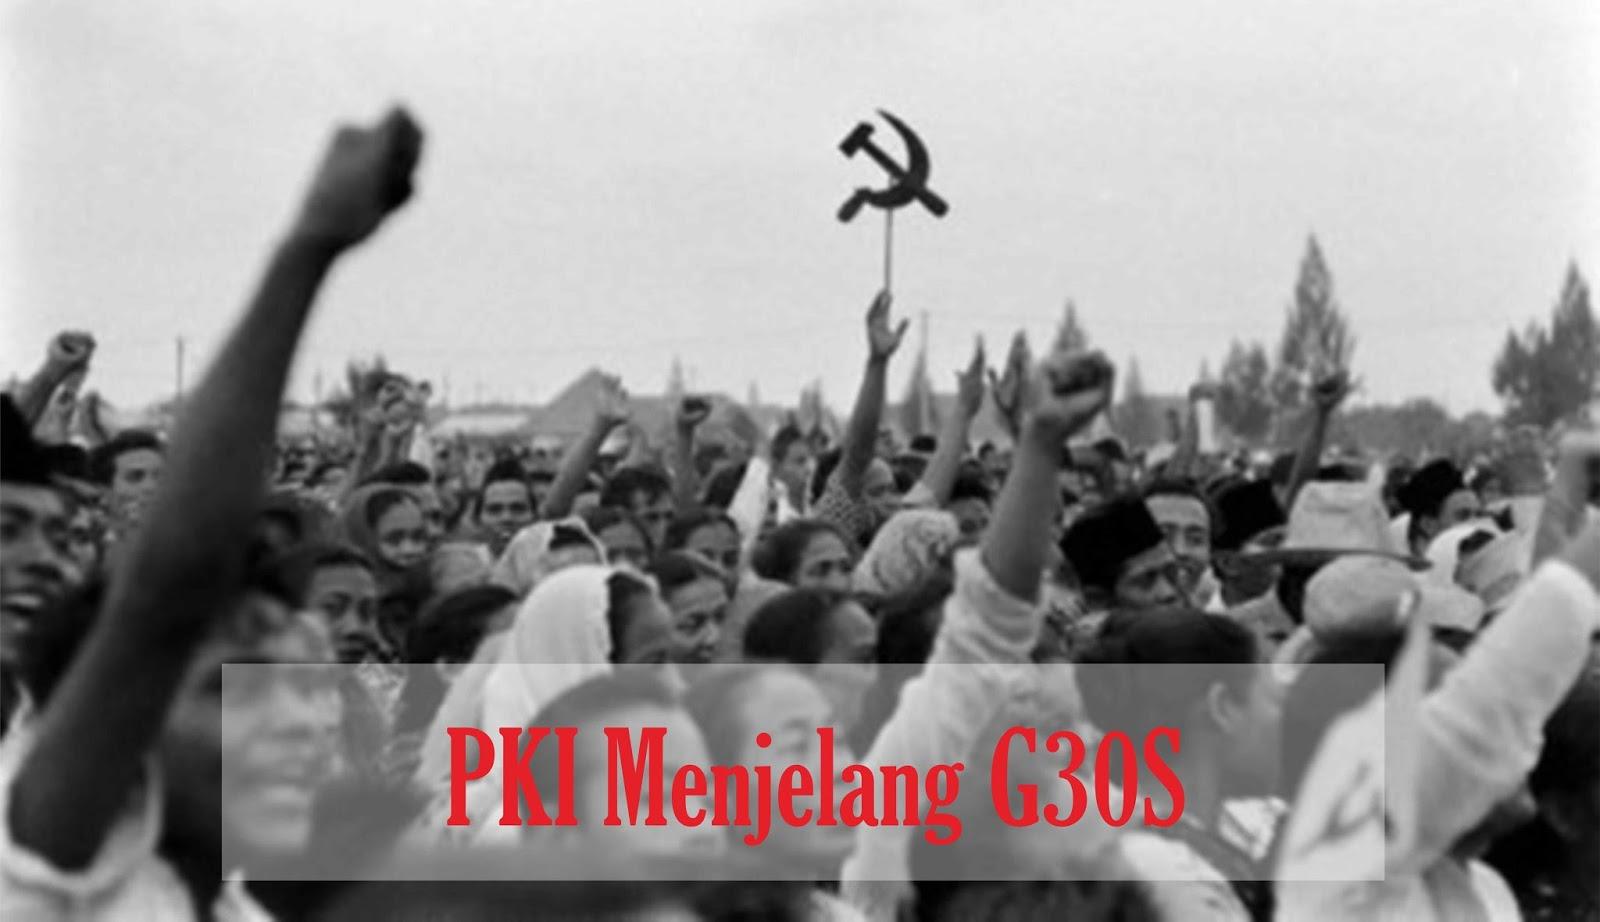 Menjelang G30S PKI, Pesta di Kedutaan Tanpa Membayangkan  yang Terjadi Setelahnya